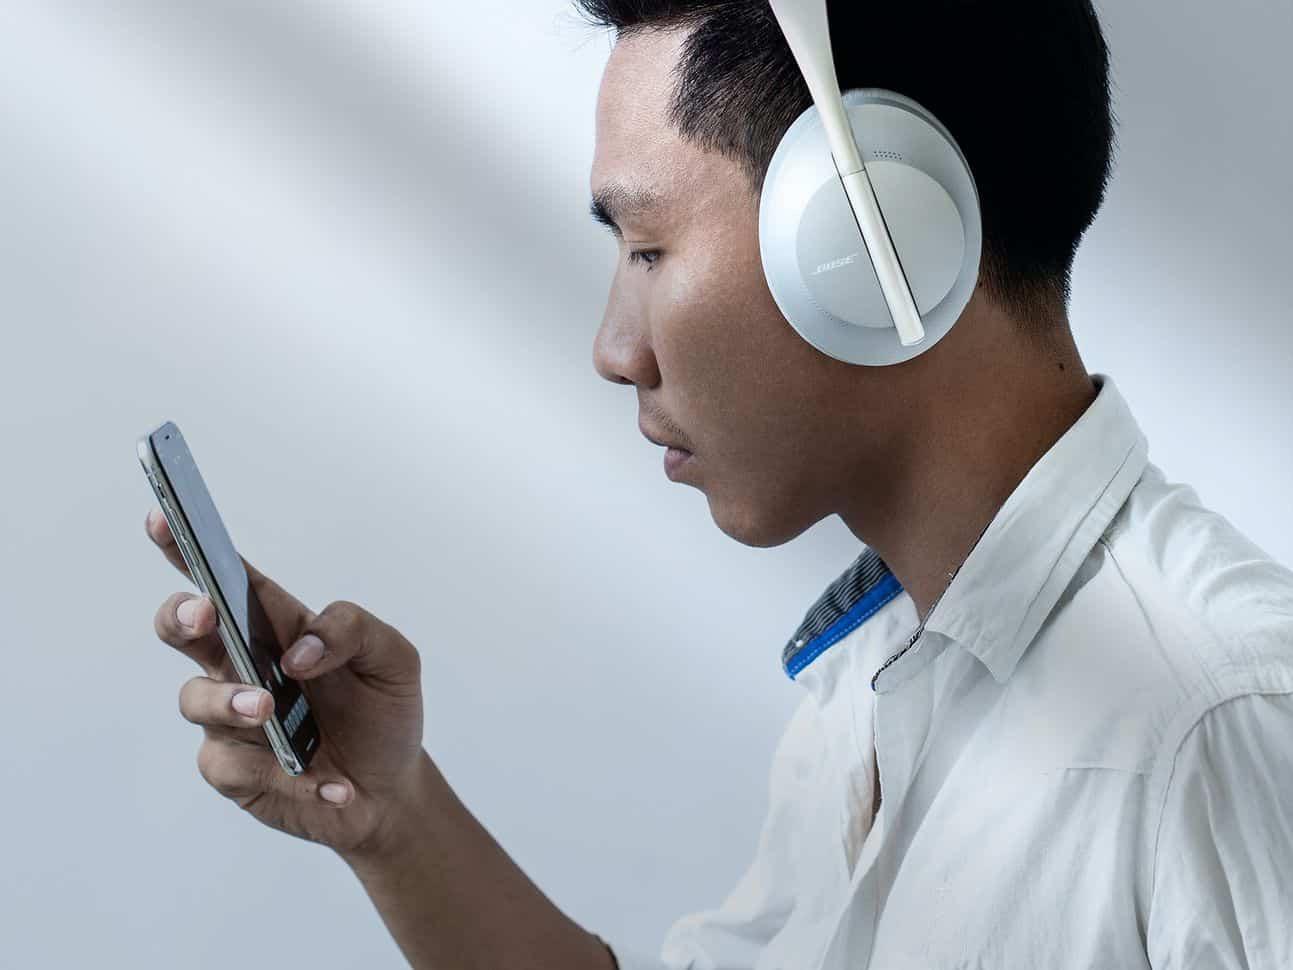 طرق متعددة لتحويل المقالات النصية إلى ملفات صوتية